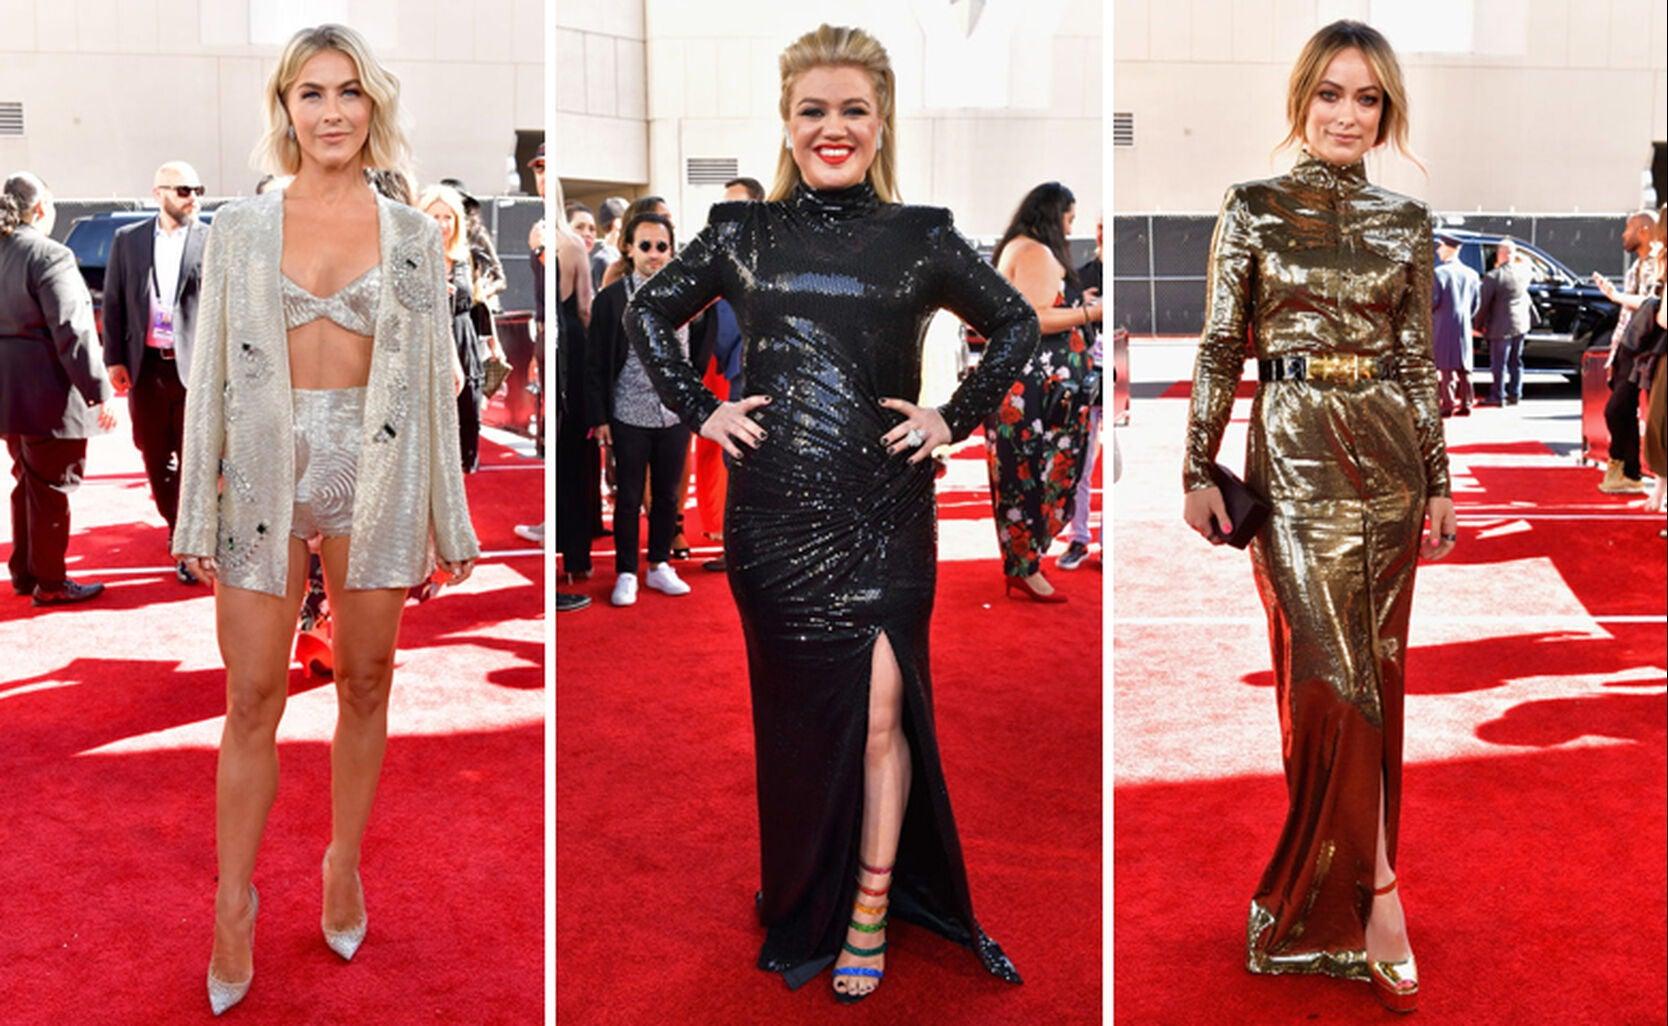 Julianne Hough, Kelly Clarkson, Olivia Wilde